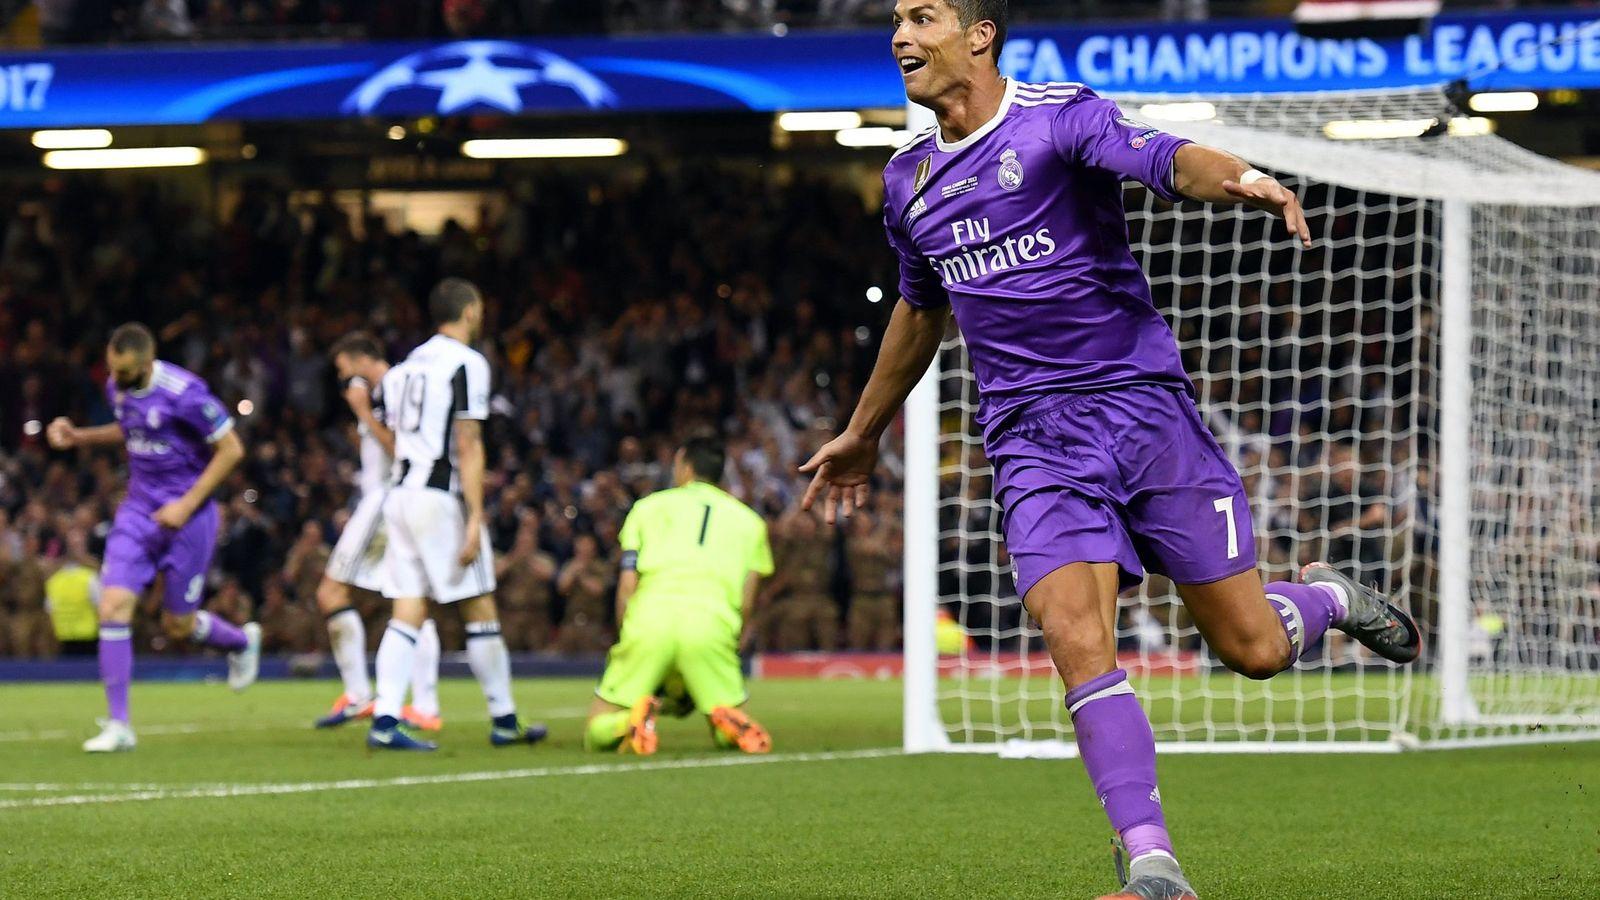 Foto: Cristiano Ronaldo, celebrando el 1-3 durante la pasada final de Champions. (Reuters)